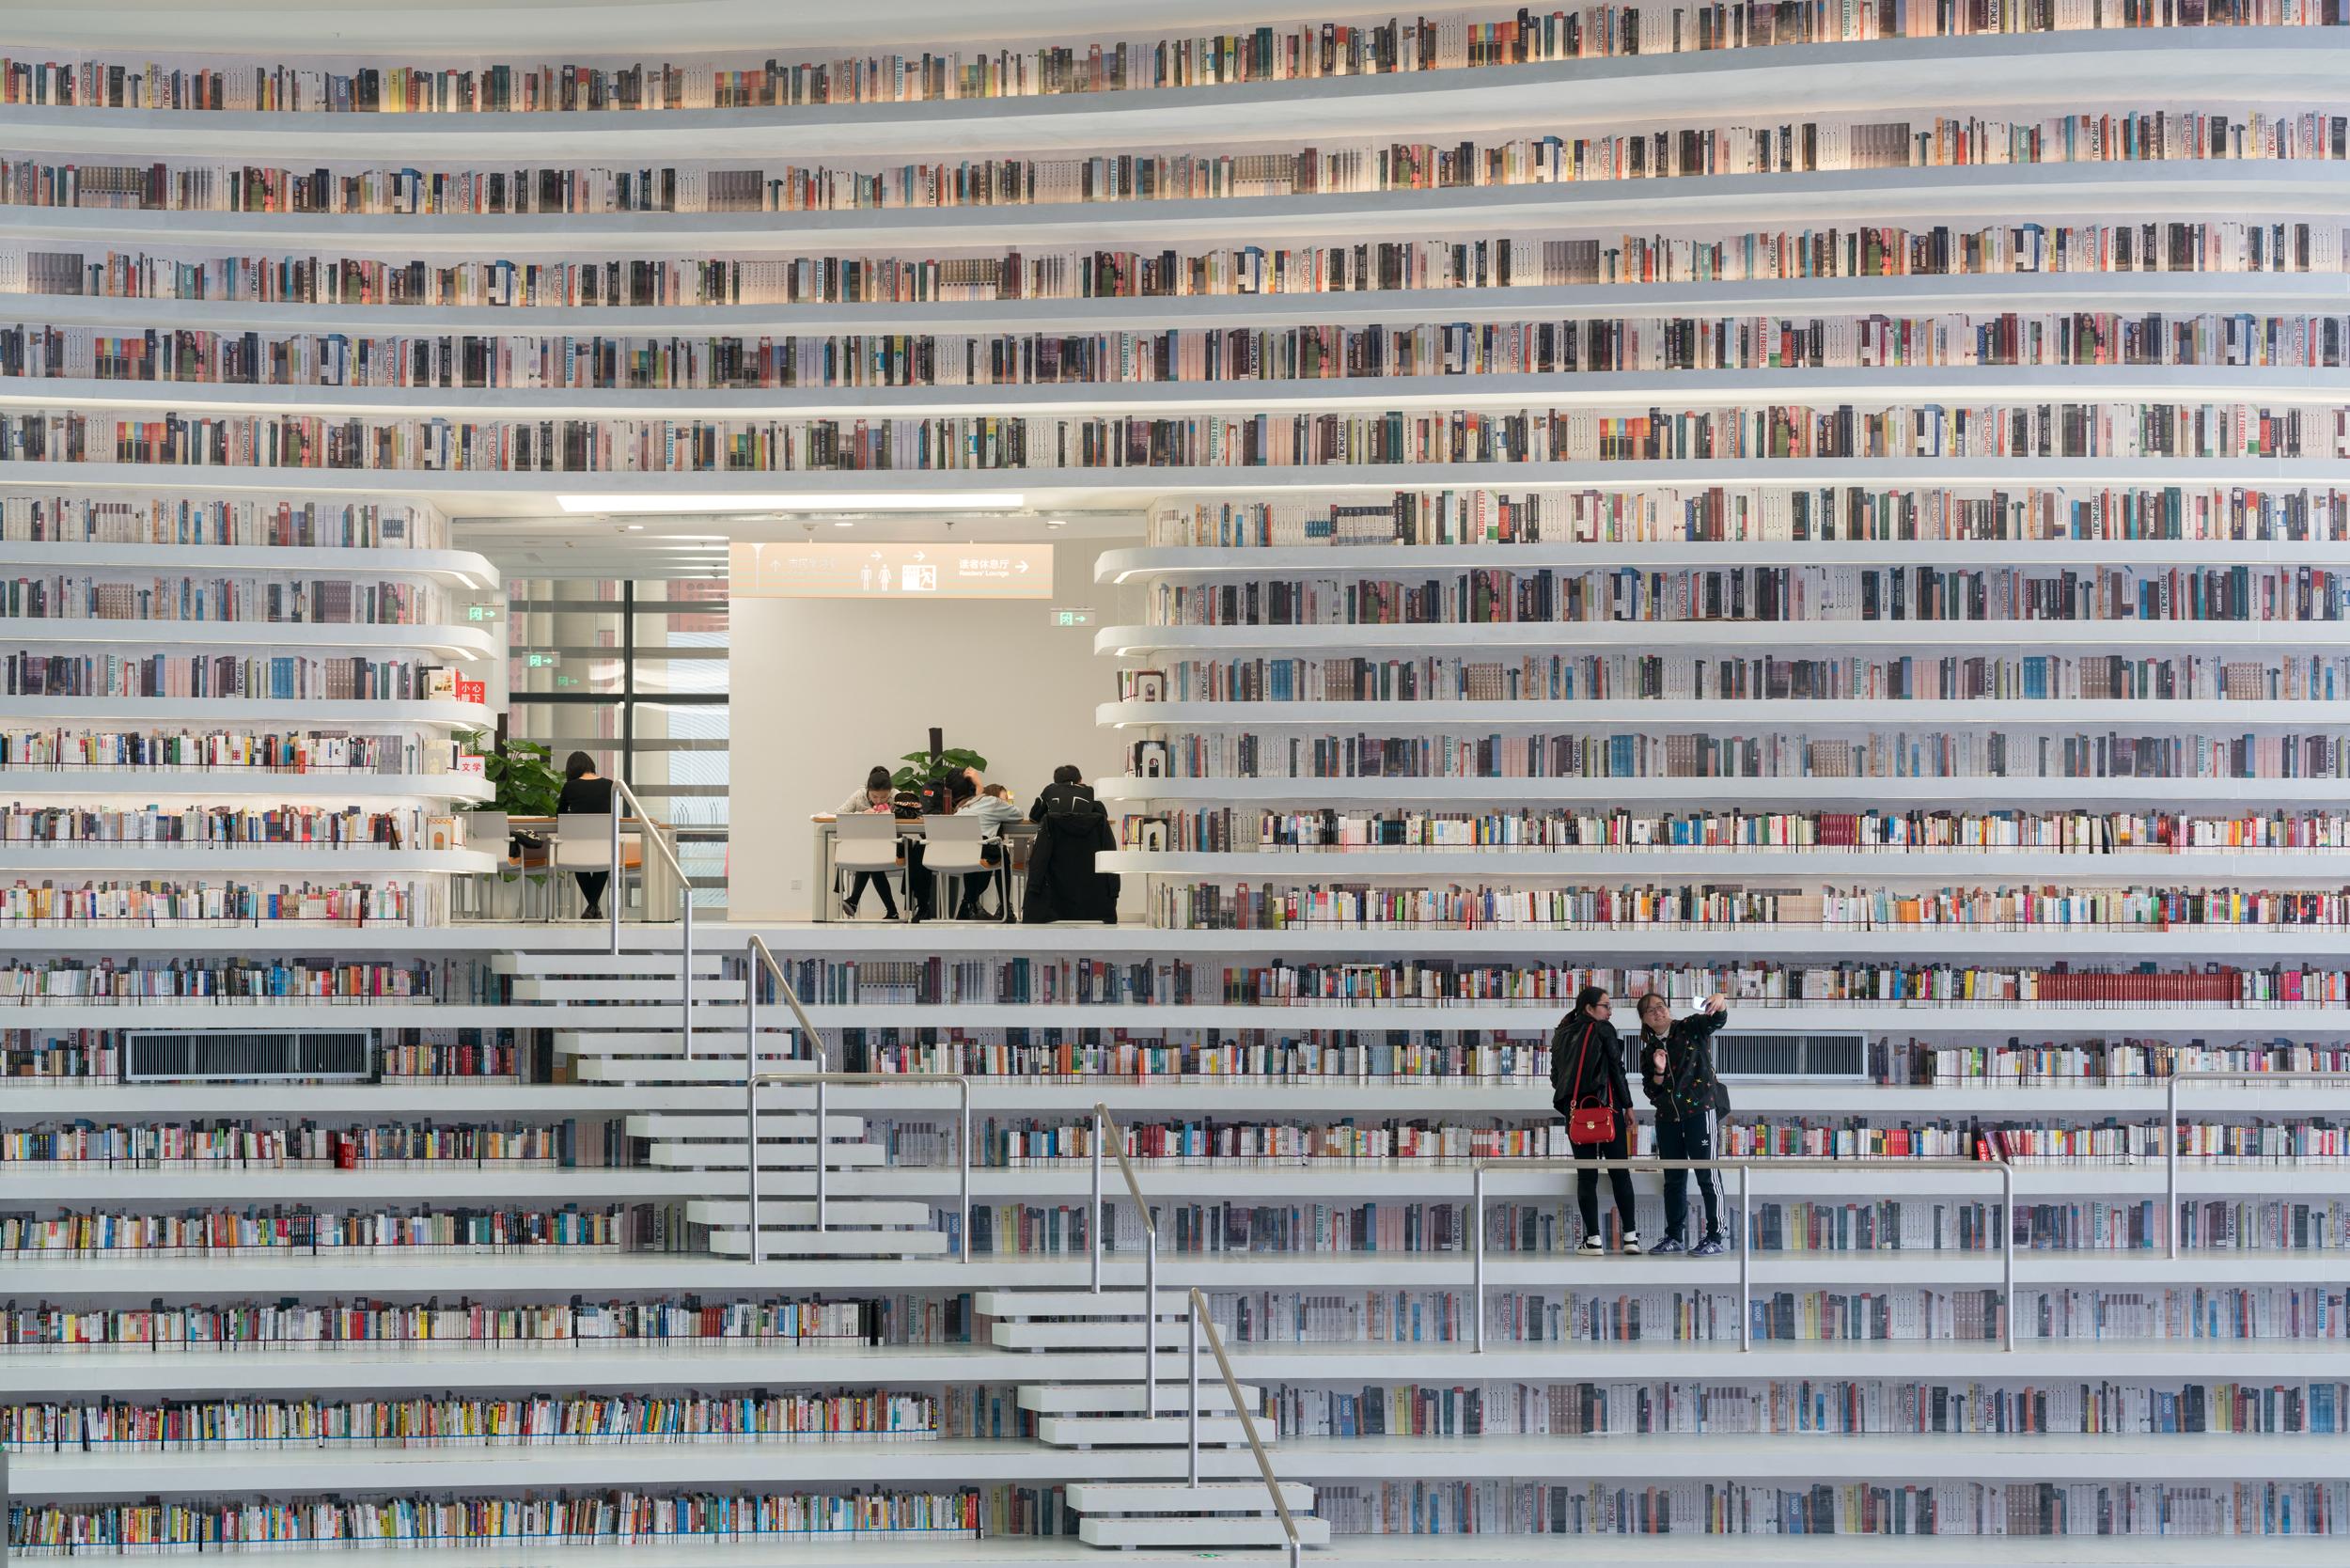 spekstakularna biblioteka u kini